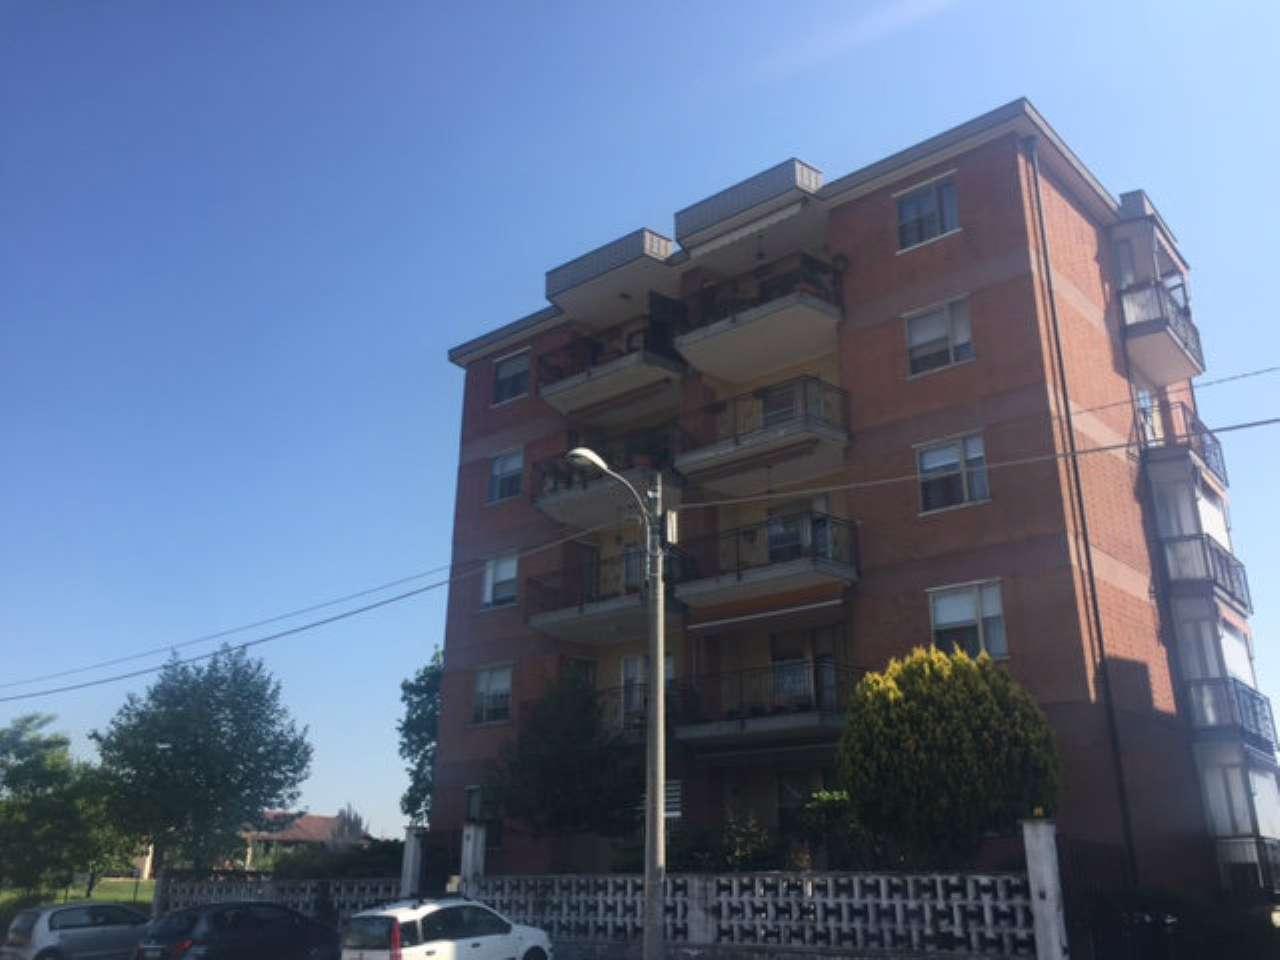 Appartamento in vendita a Bosconero, 4 locali, prezzo € 145.000 | Cambio Casa.it